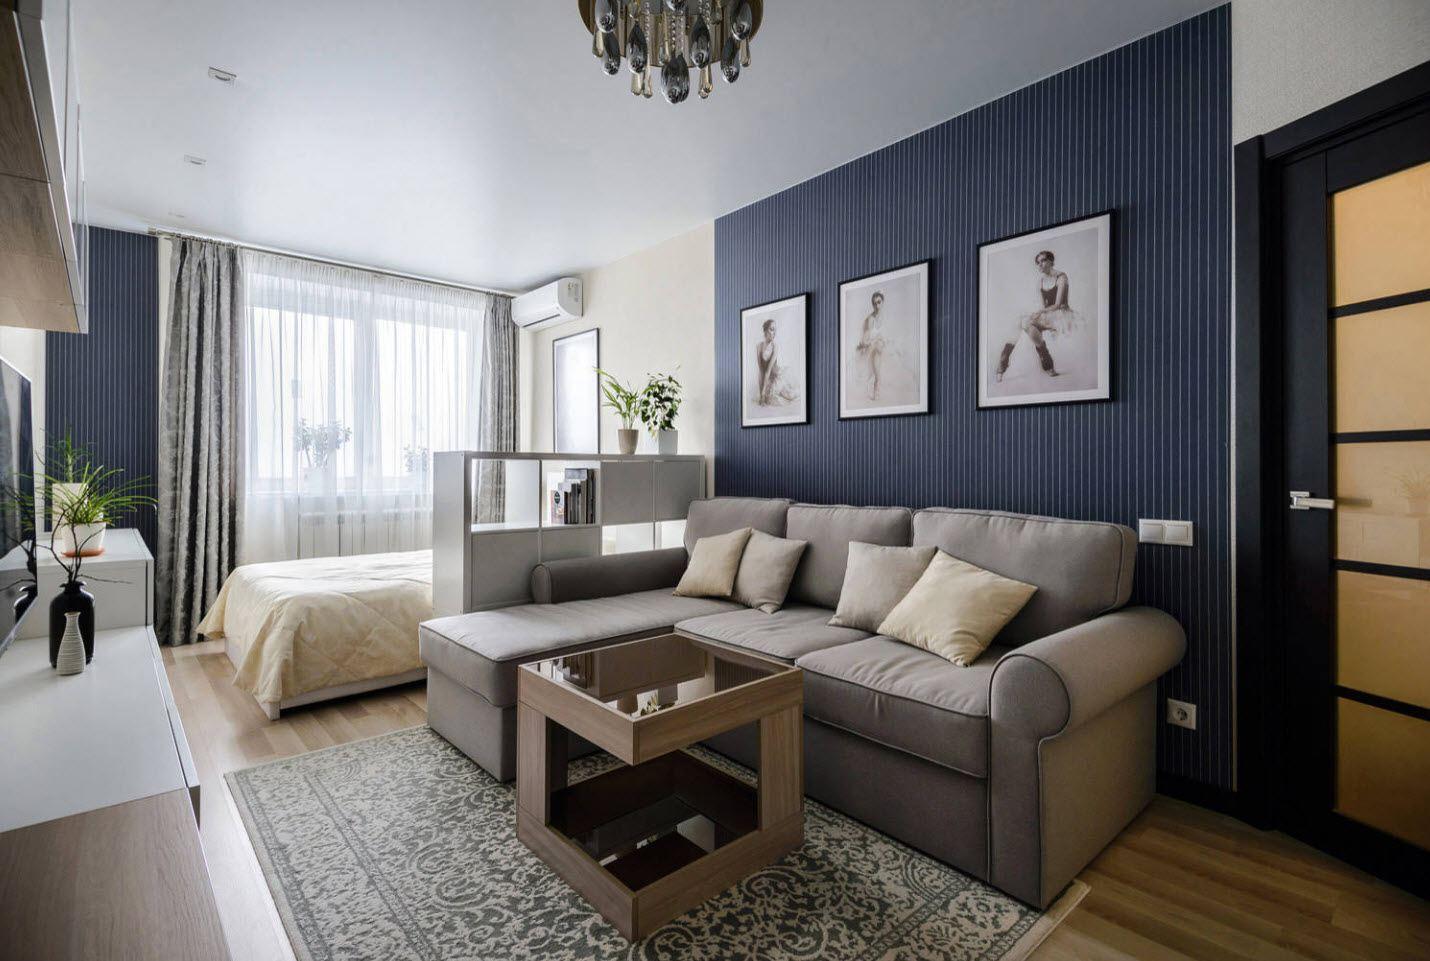 Blue textured wallpaper